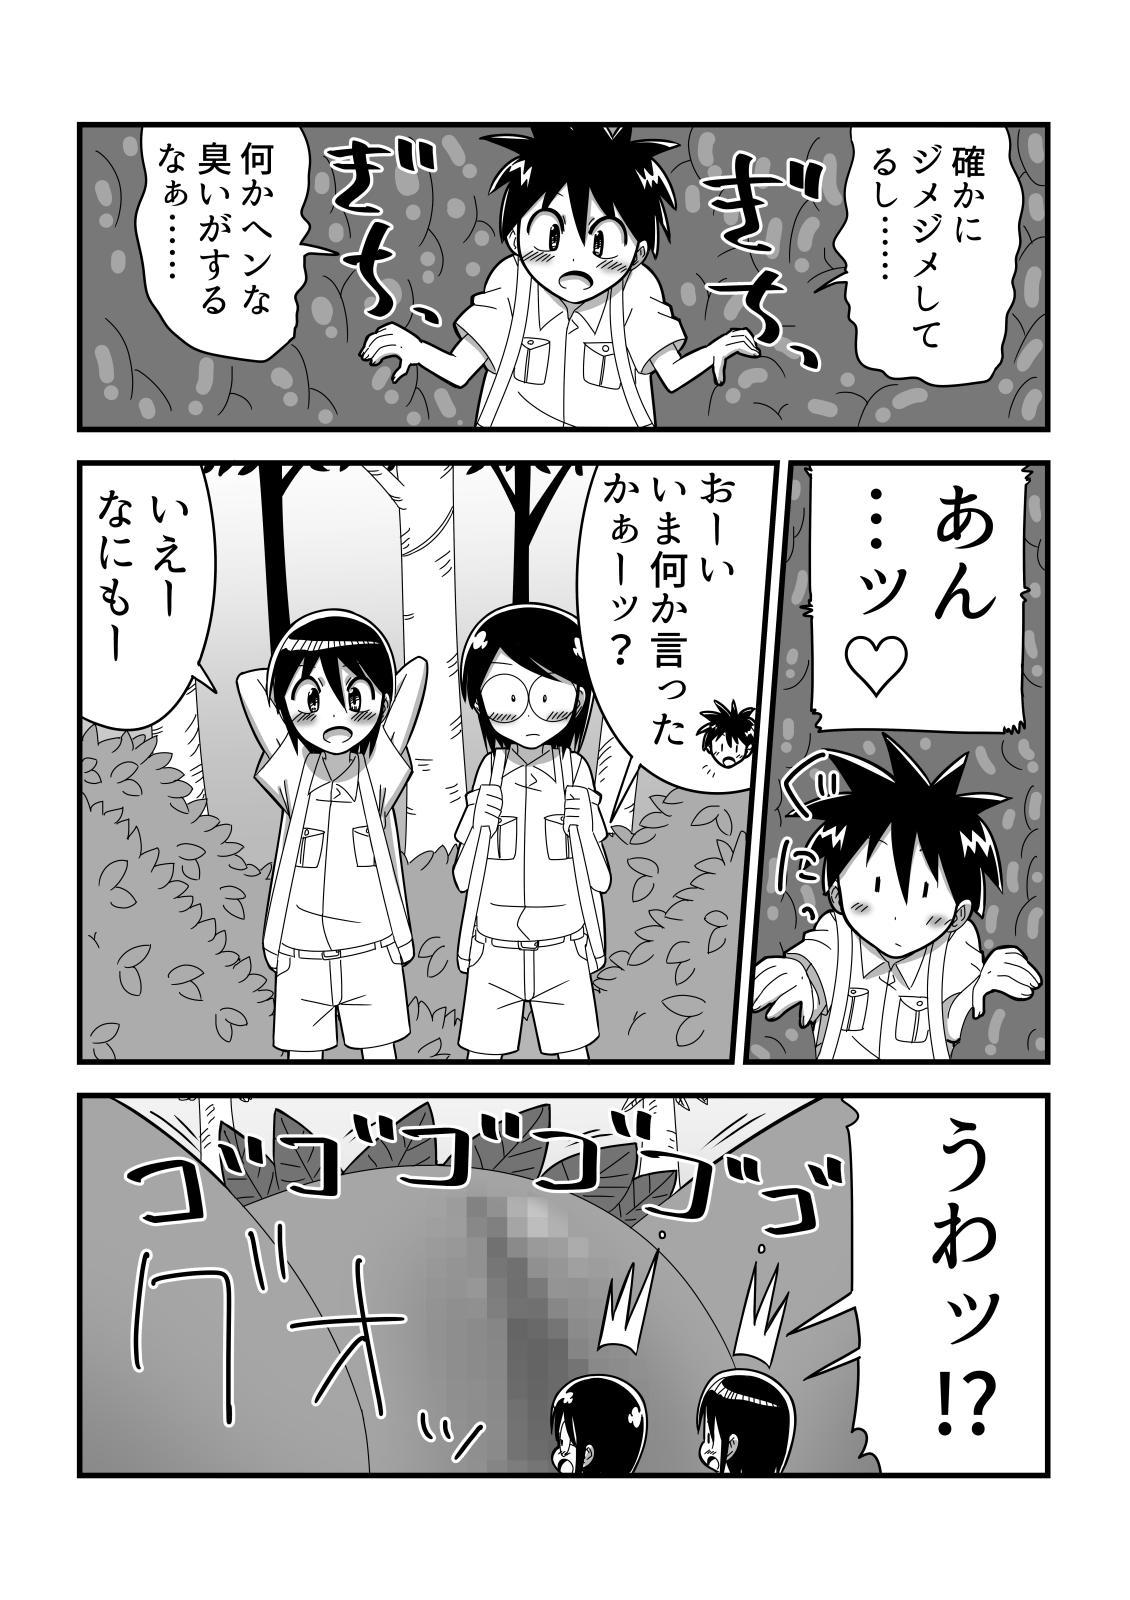 Shota Tankentai ga Hikyou de Kyojinzoku no Onee-san to Deatta Hanashi 3